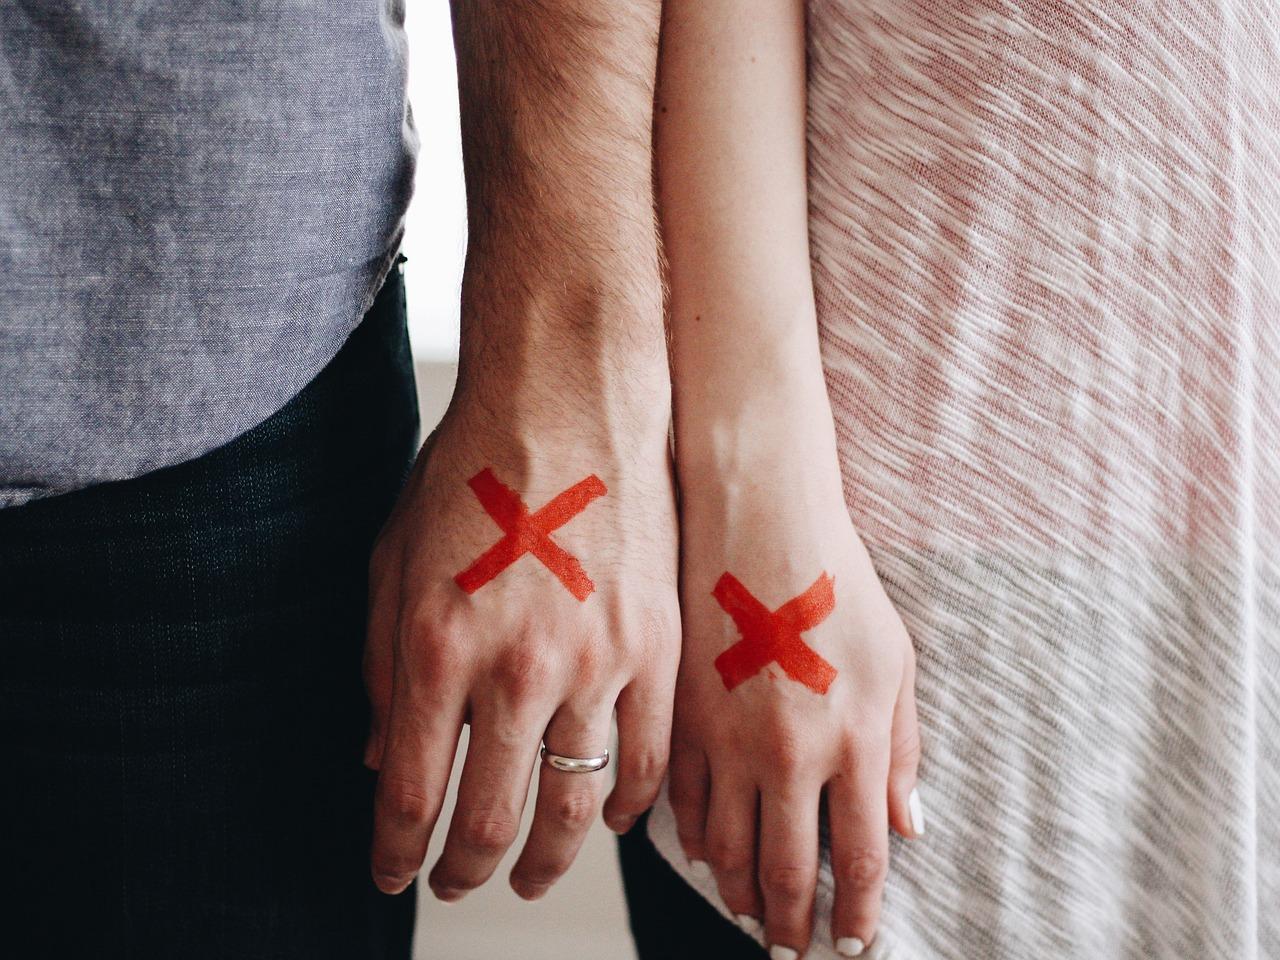 バツイチ男性がモテる理由!一度離婚した男性の魅力に迫る